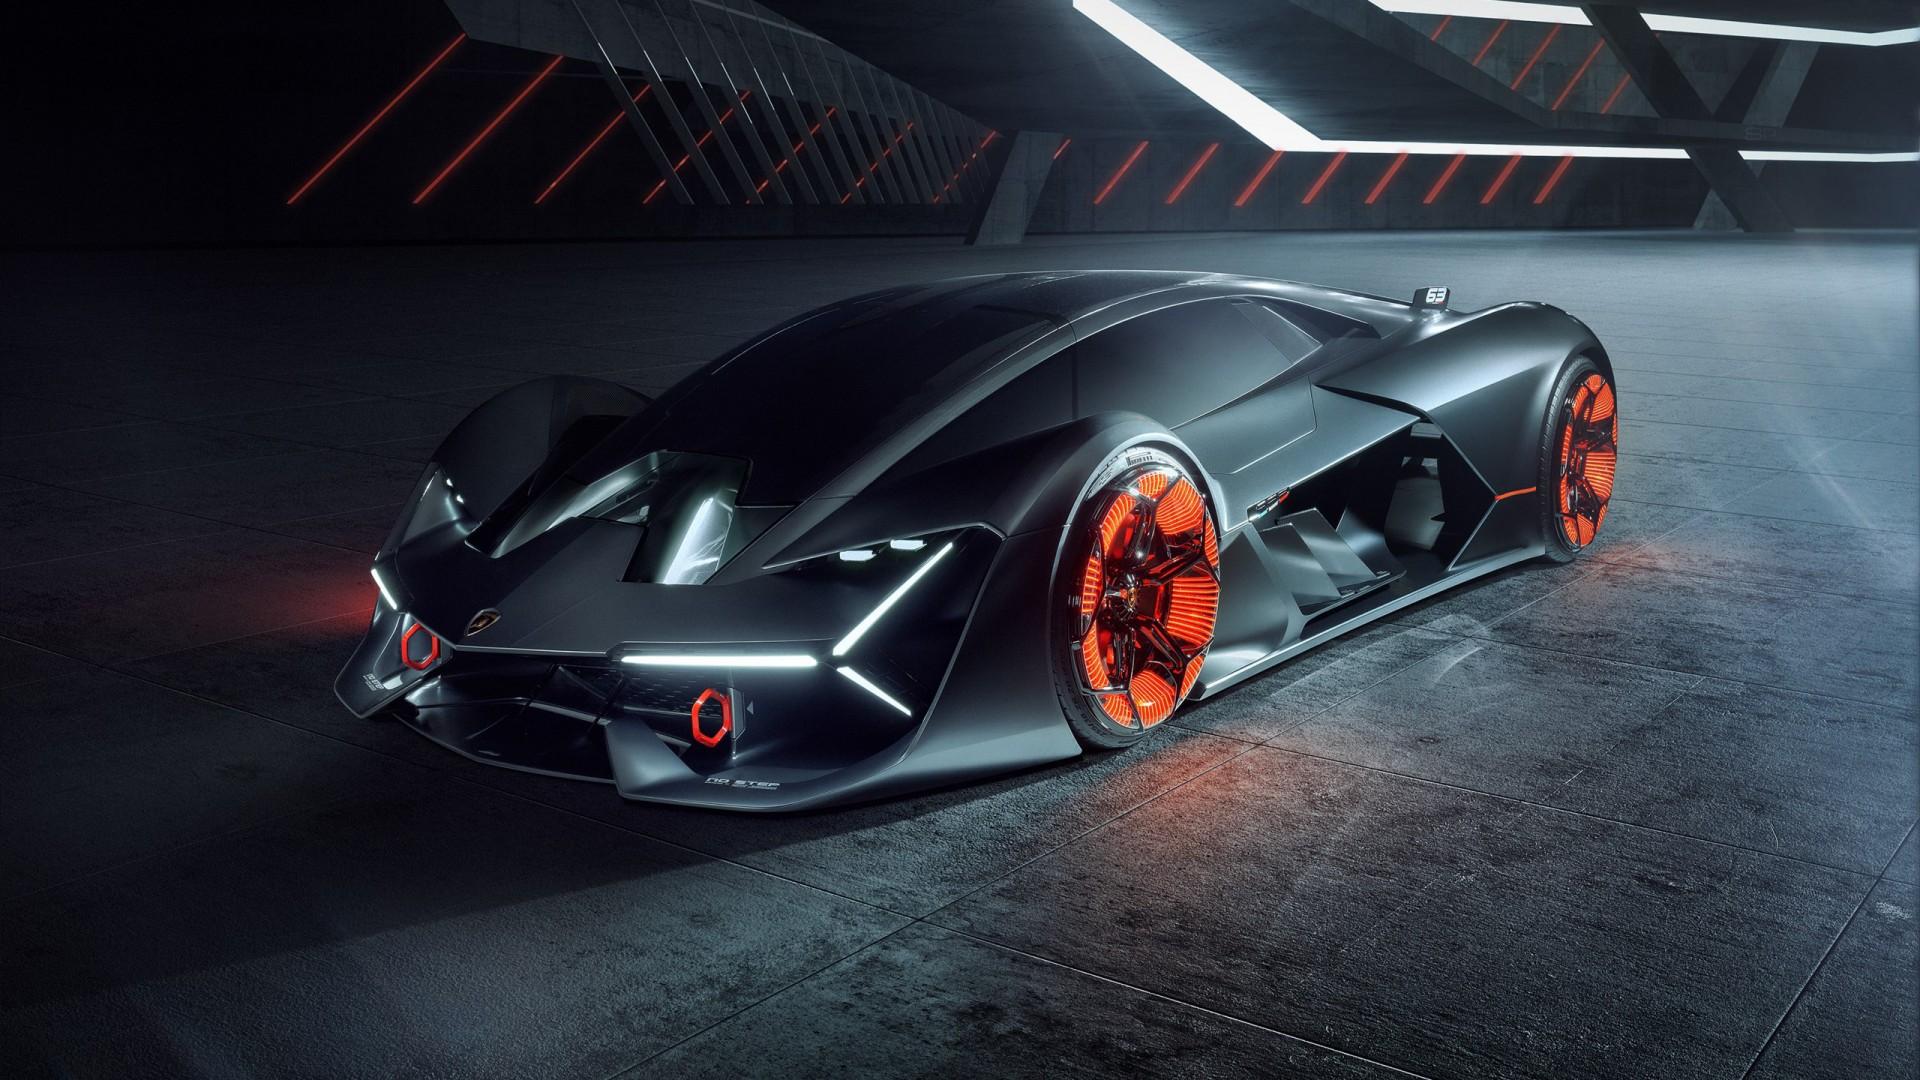 Lamborghini Terzo Millennio 2019 4 Wallpaper | HD Car ...